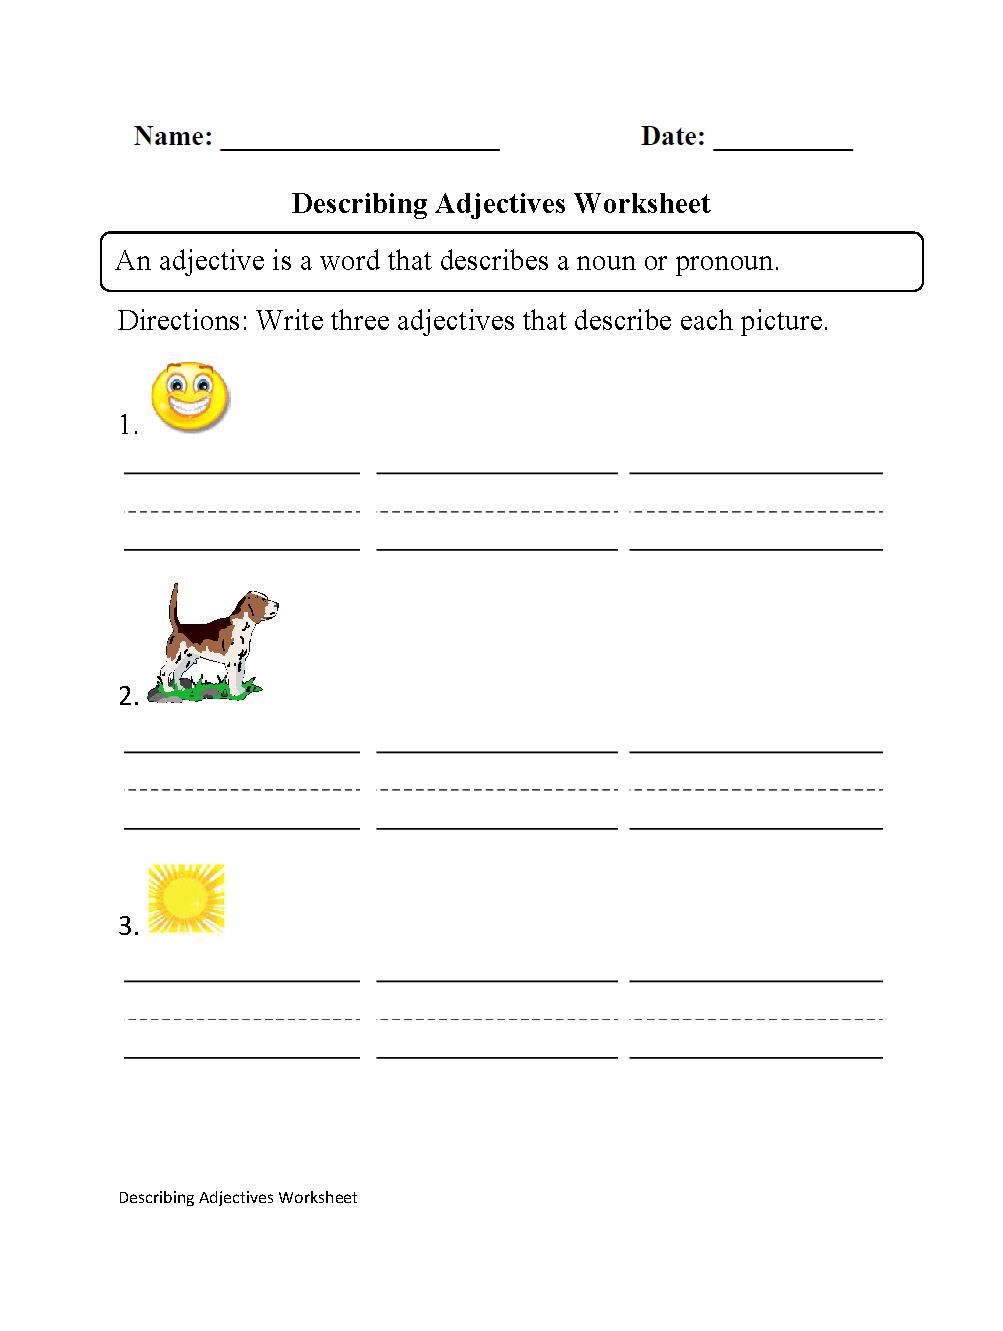 Adjectives Worksheets Regular Adjective For Preschoolers Describ